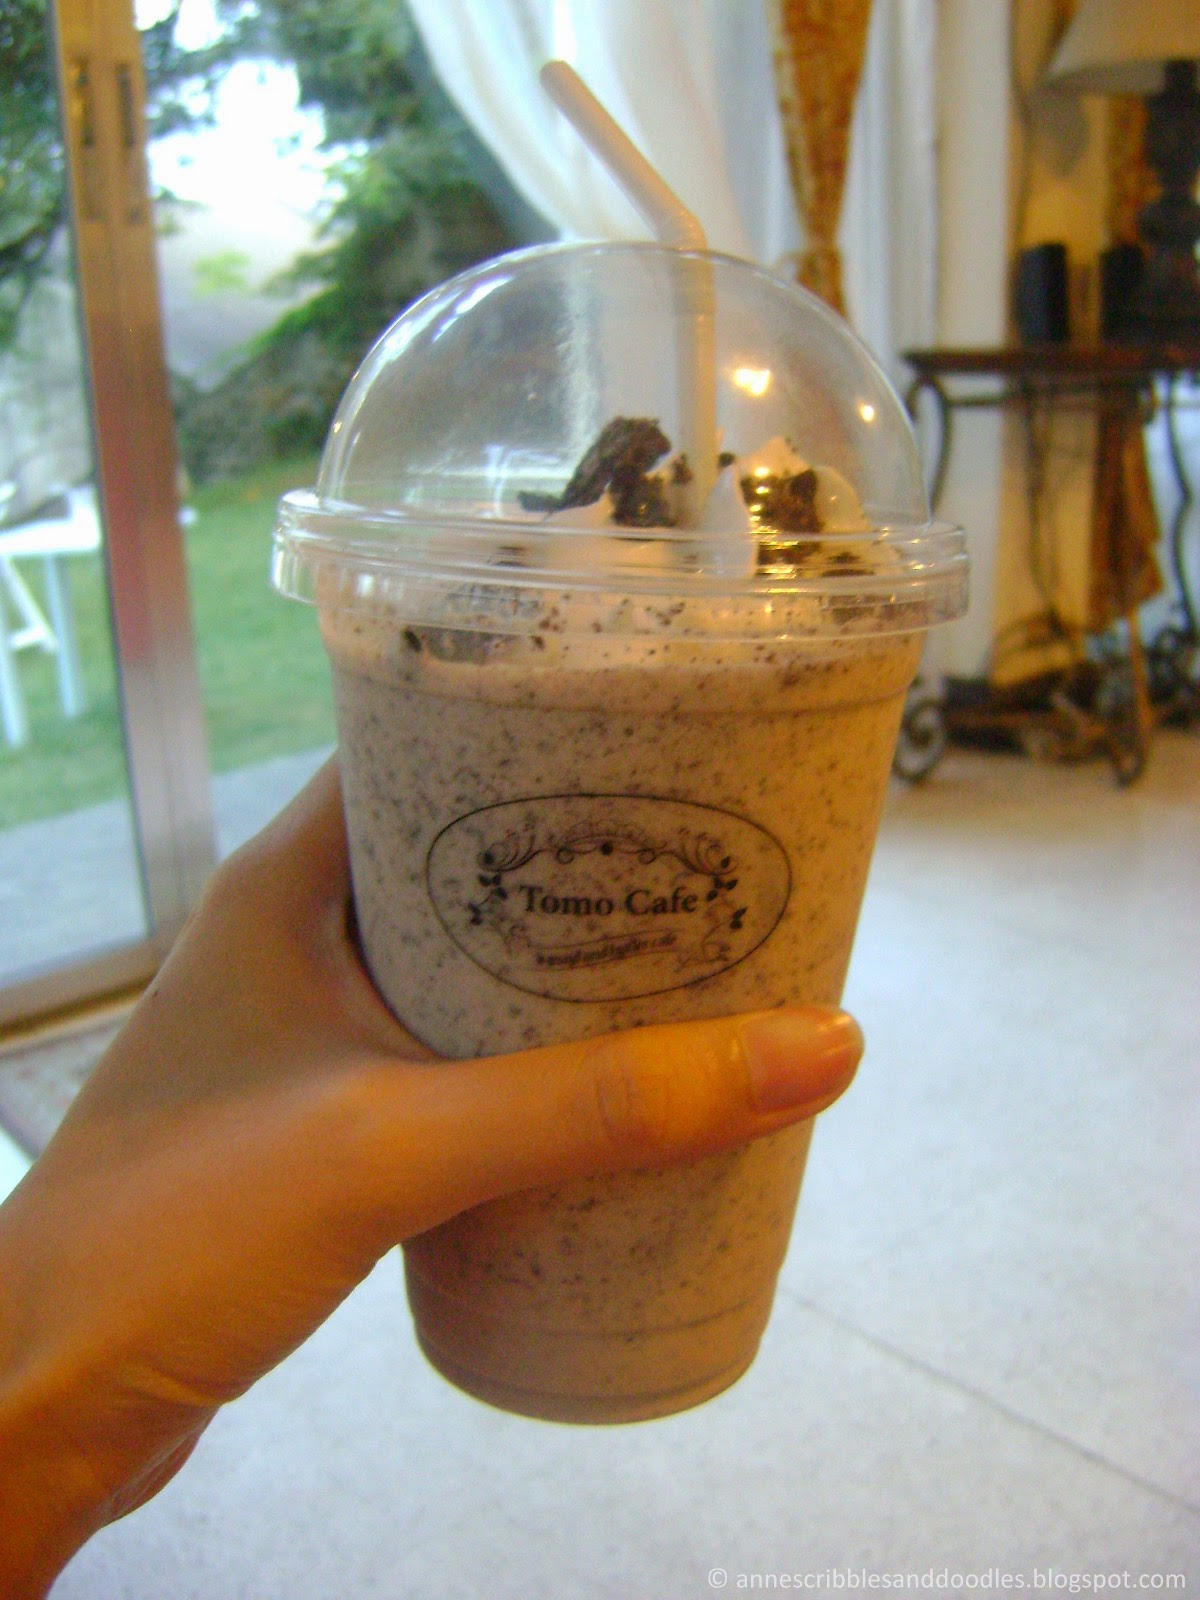 Tomo Cafe